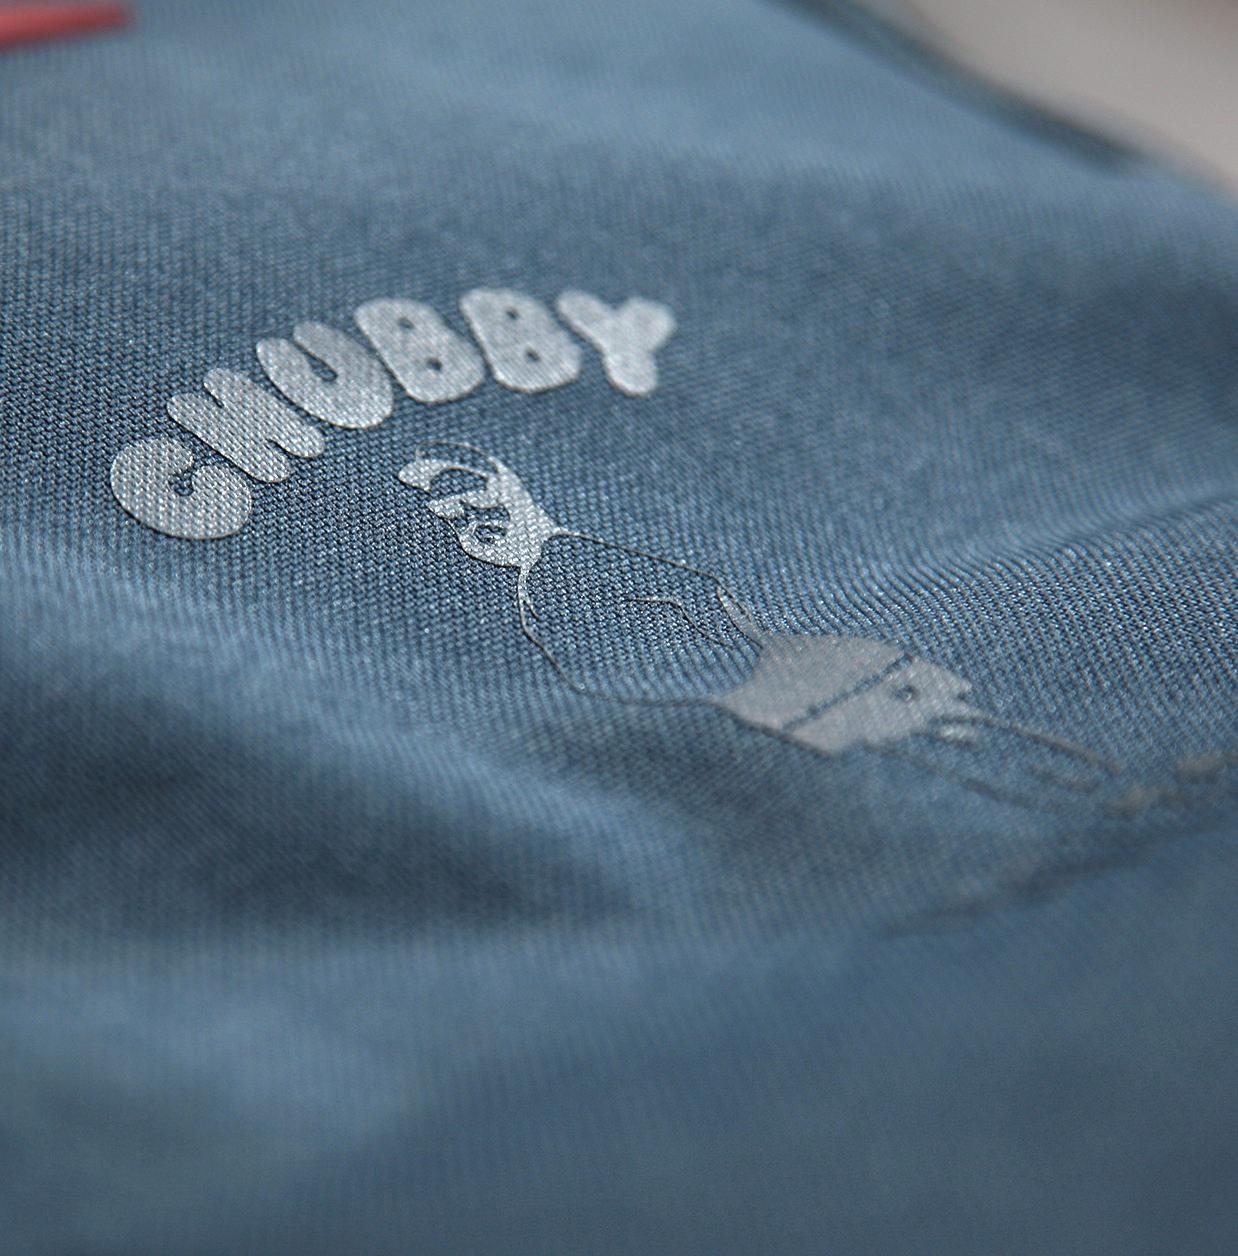 Chubby-5